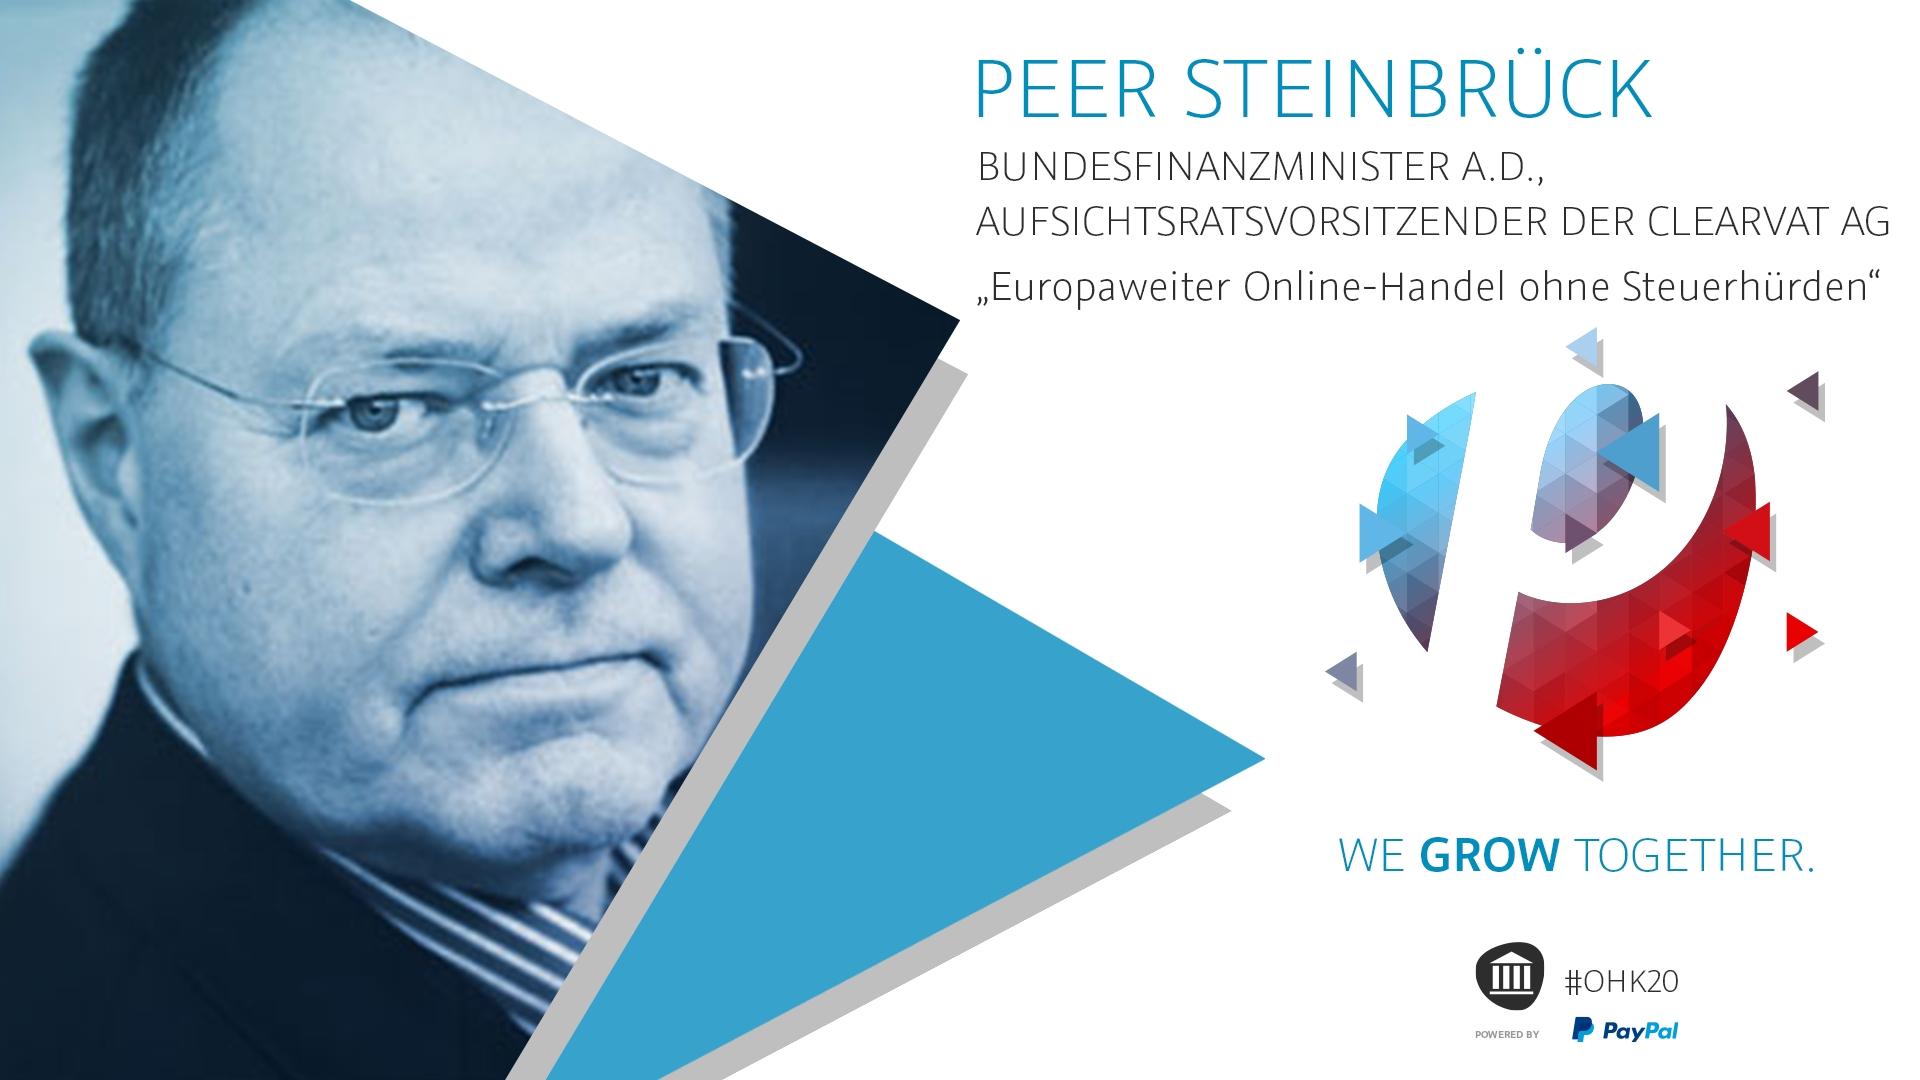 plentysystems kooperiert mit ClearVAT:  Europaweiter Online-Handel ohne Steuerhürden